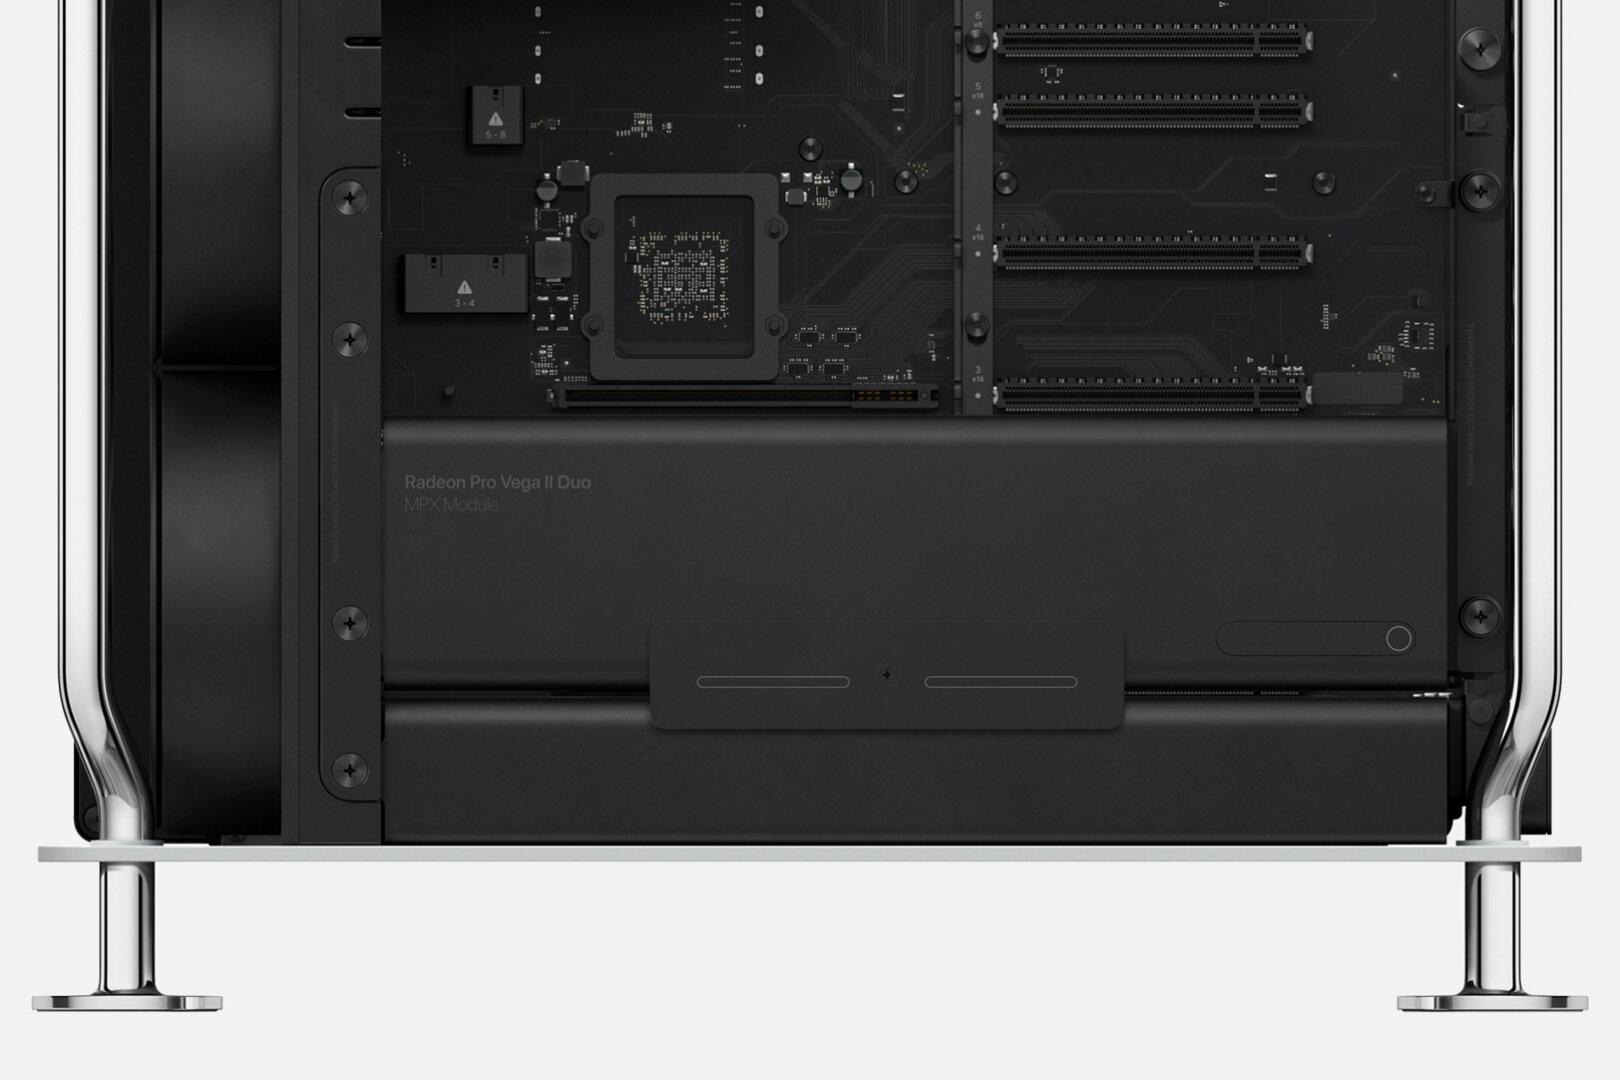 Eingestecktes MPX-Modul mit AMD Radeon Pro Vega II Duo